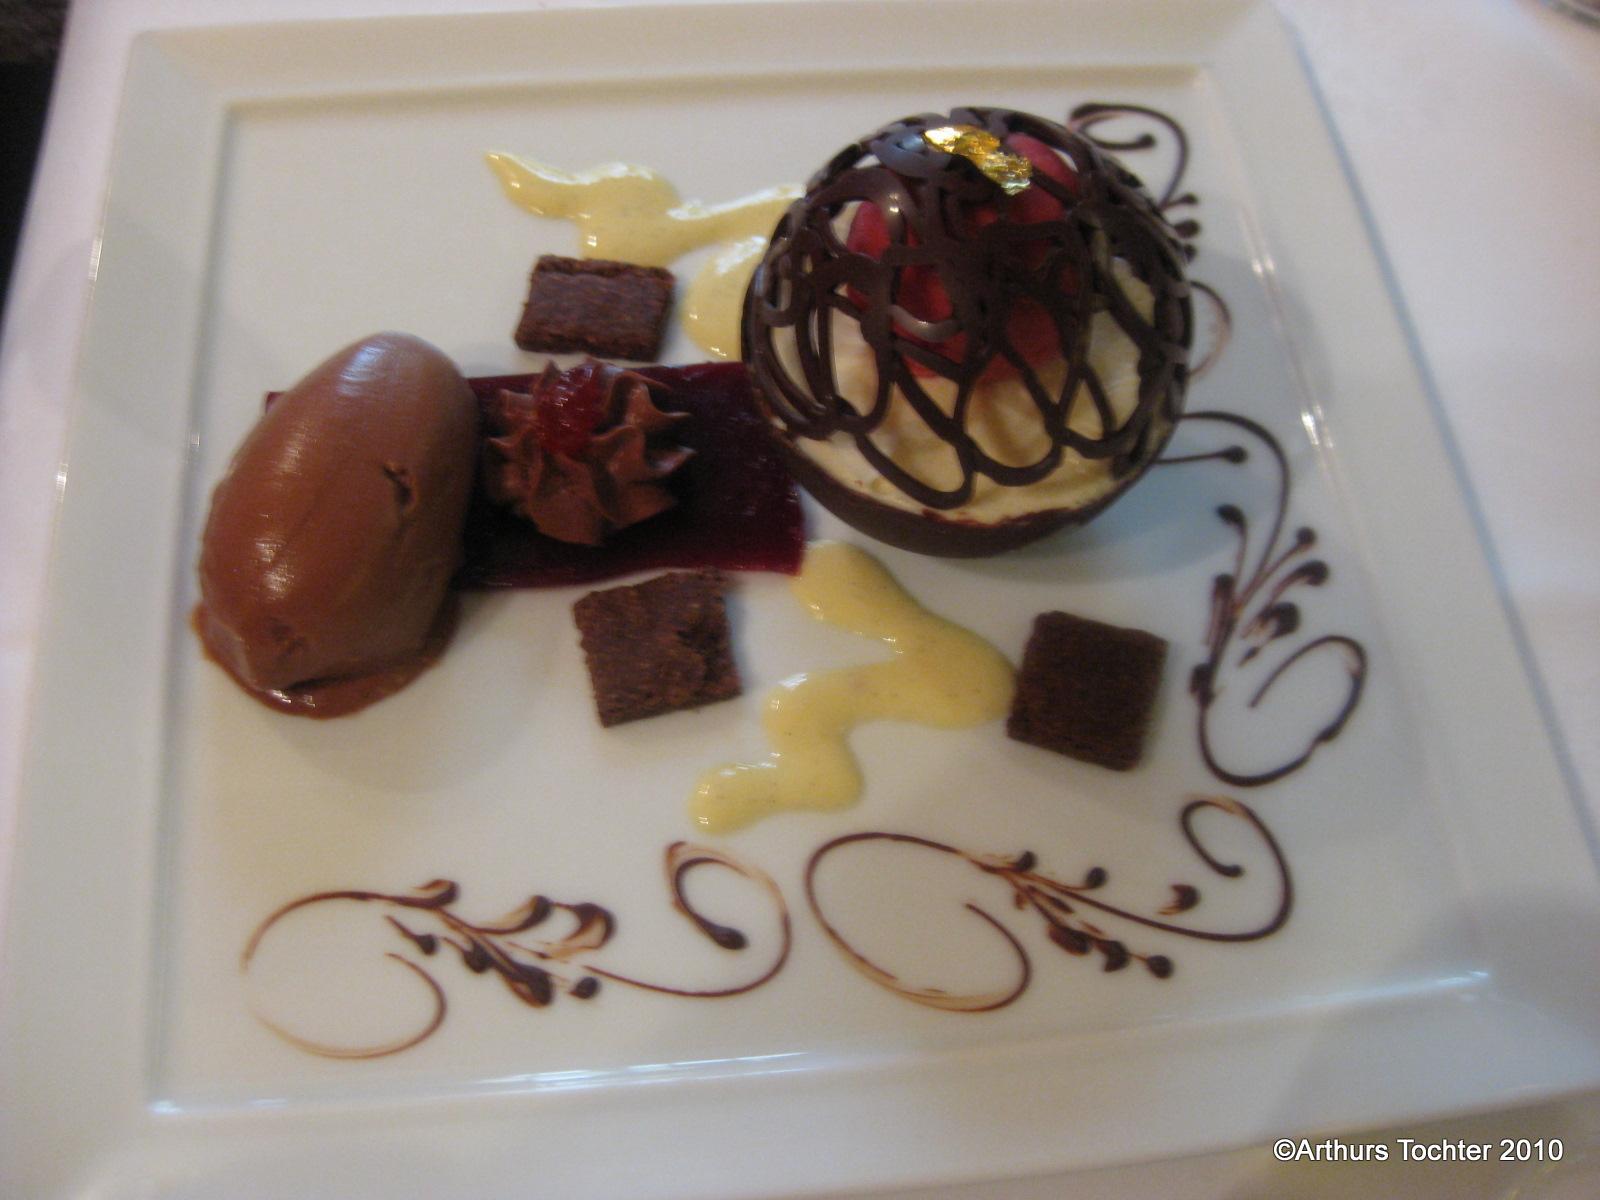 Ein weiteres Dessert im Schwarzen Adler | Arthurs Tochter kocht. von Astrid Paul. Der Blog für food, wine, travel & love